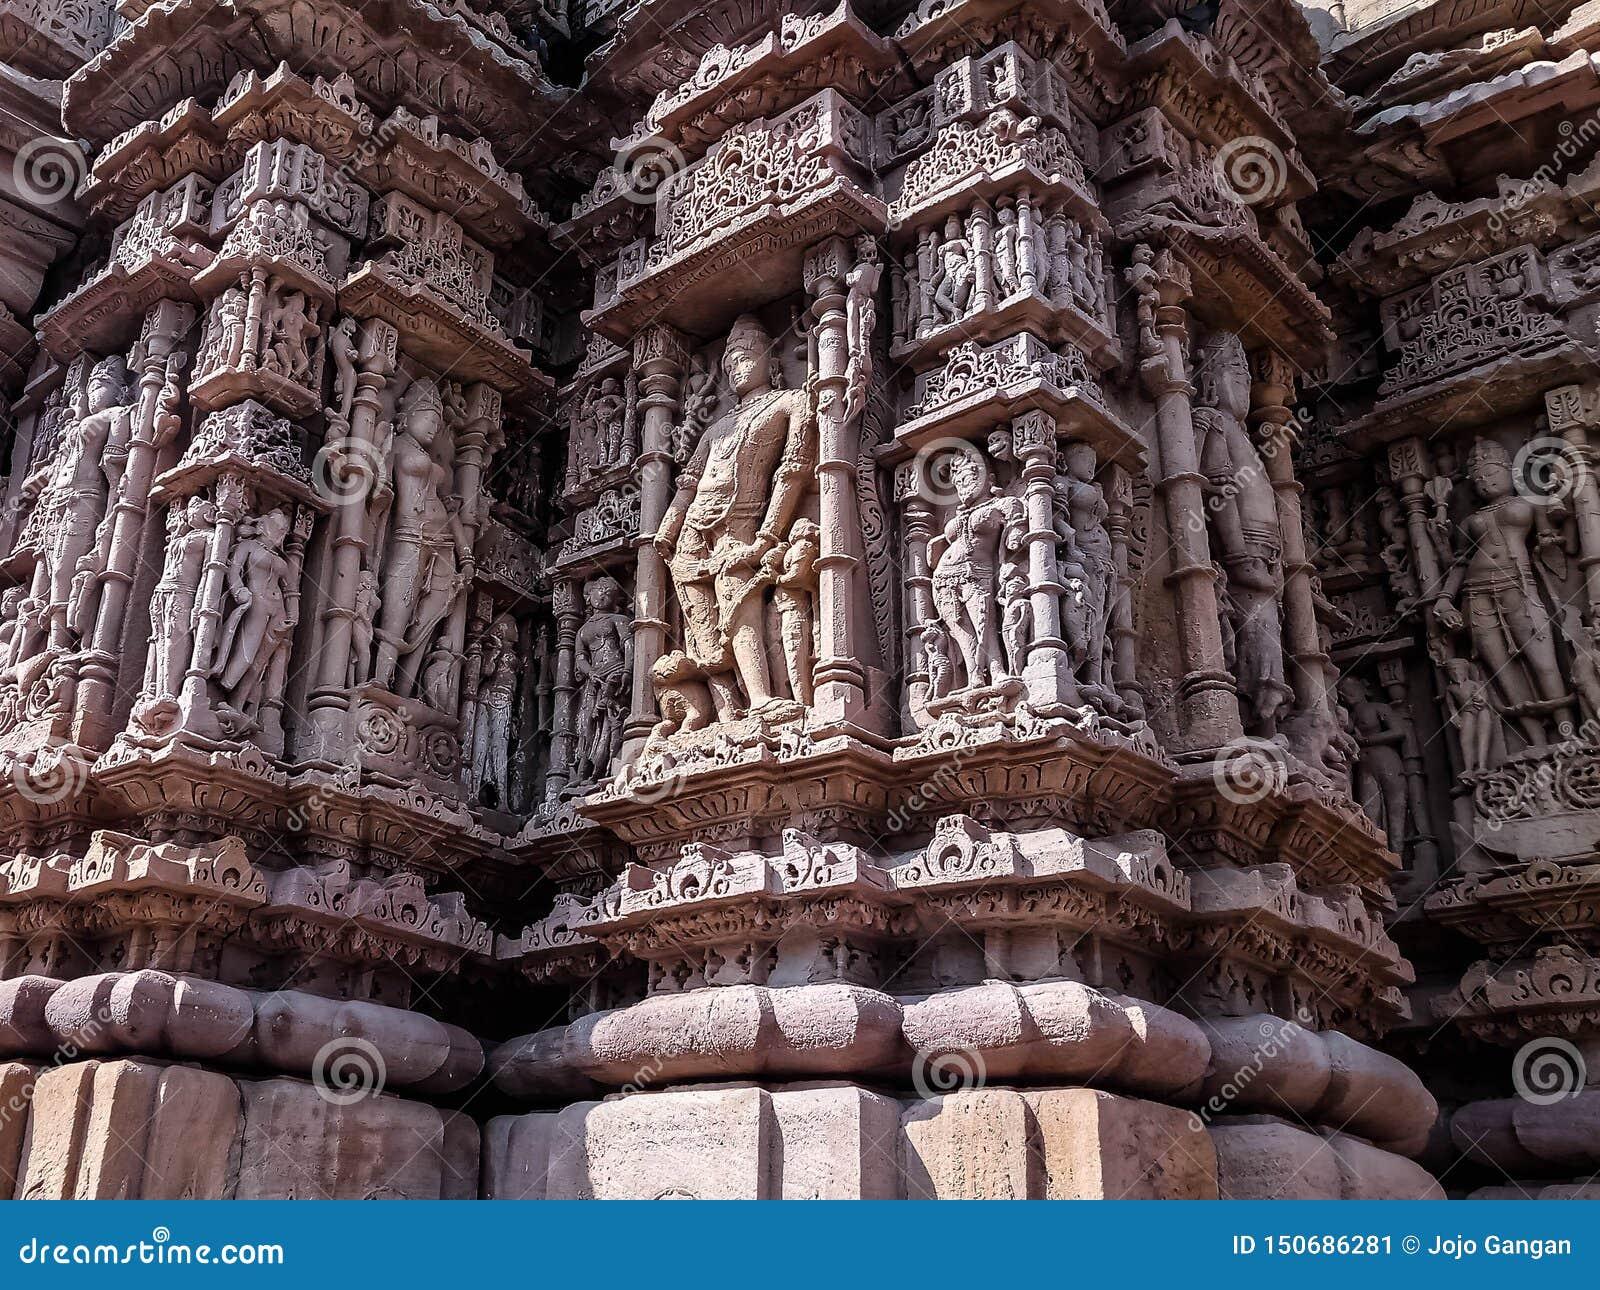 Ринва культуры чувства искусство индийского чистое